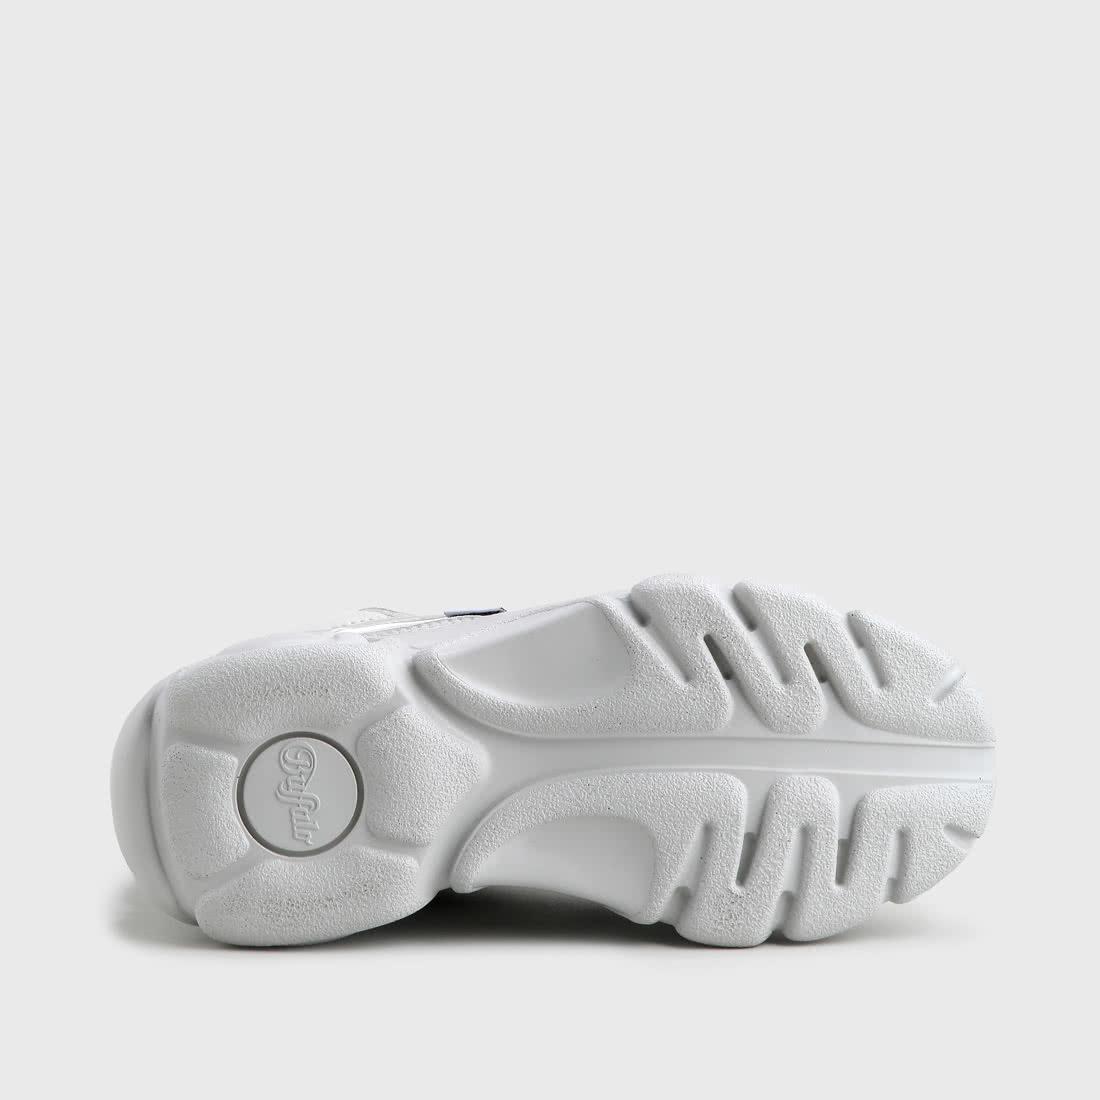 180db2f605b318 CLD Colby Sneaker aus Mesh und Lederoptik hellgrau online kaufen ...